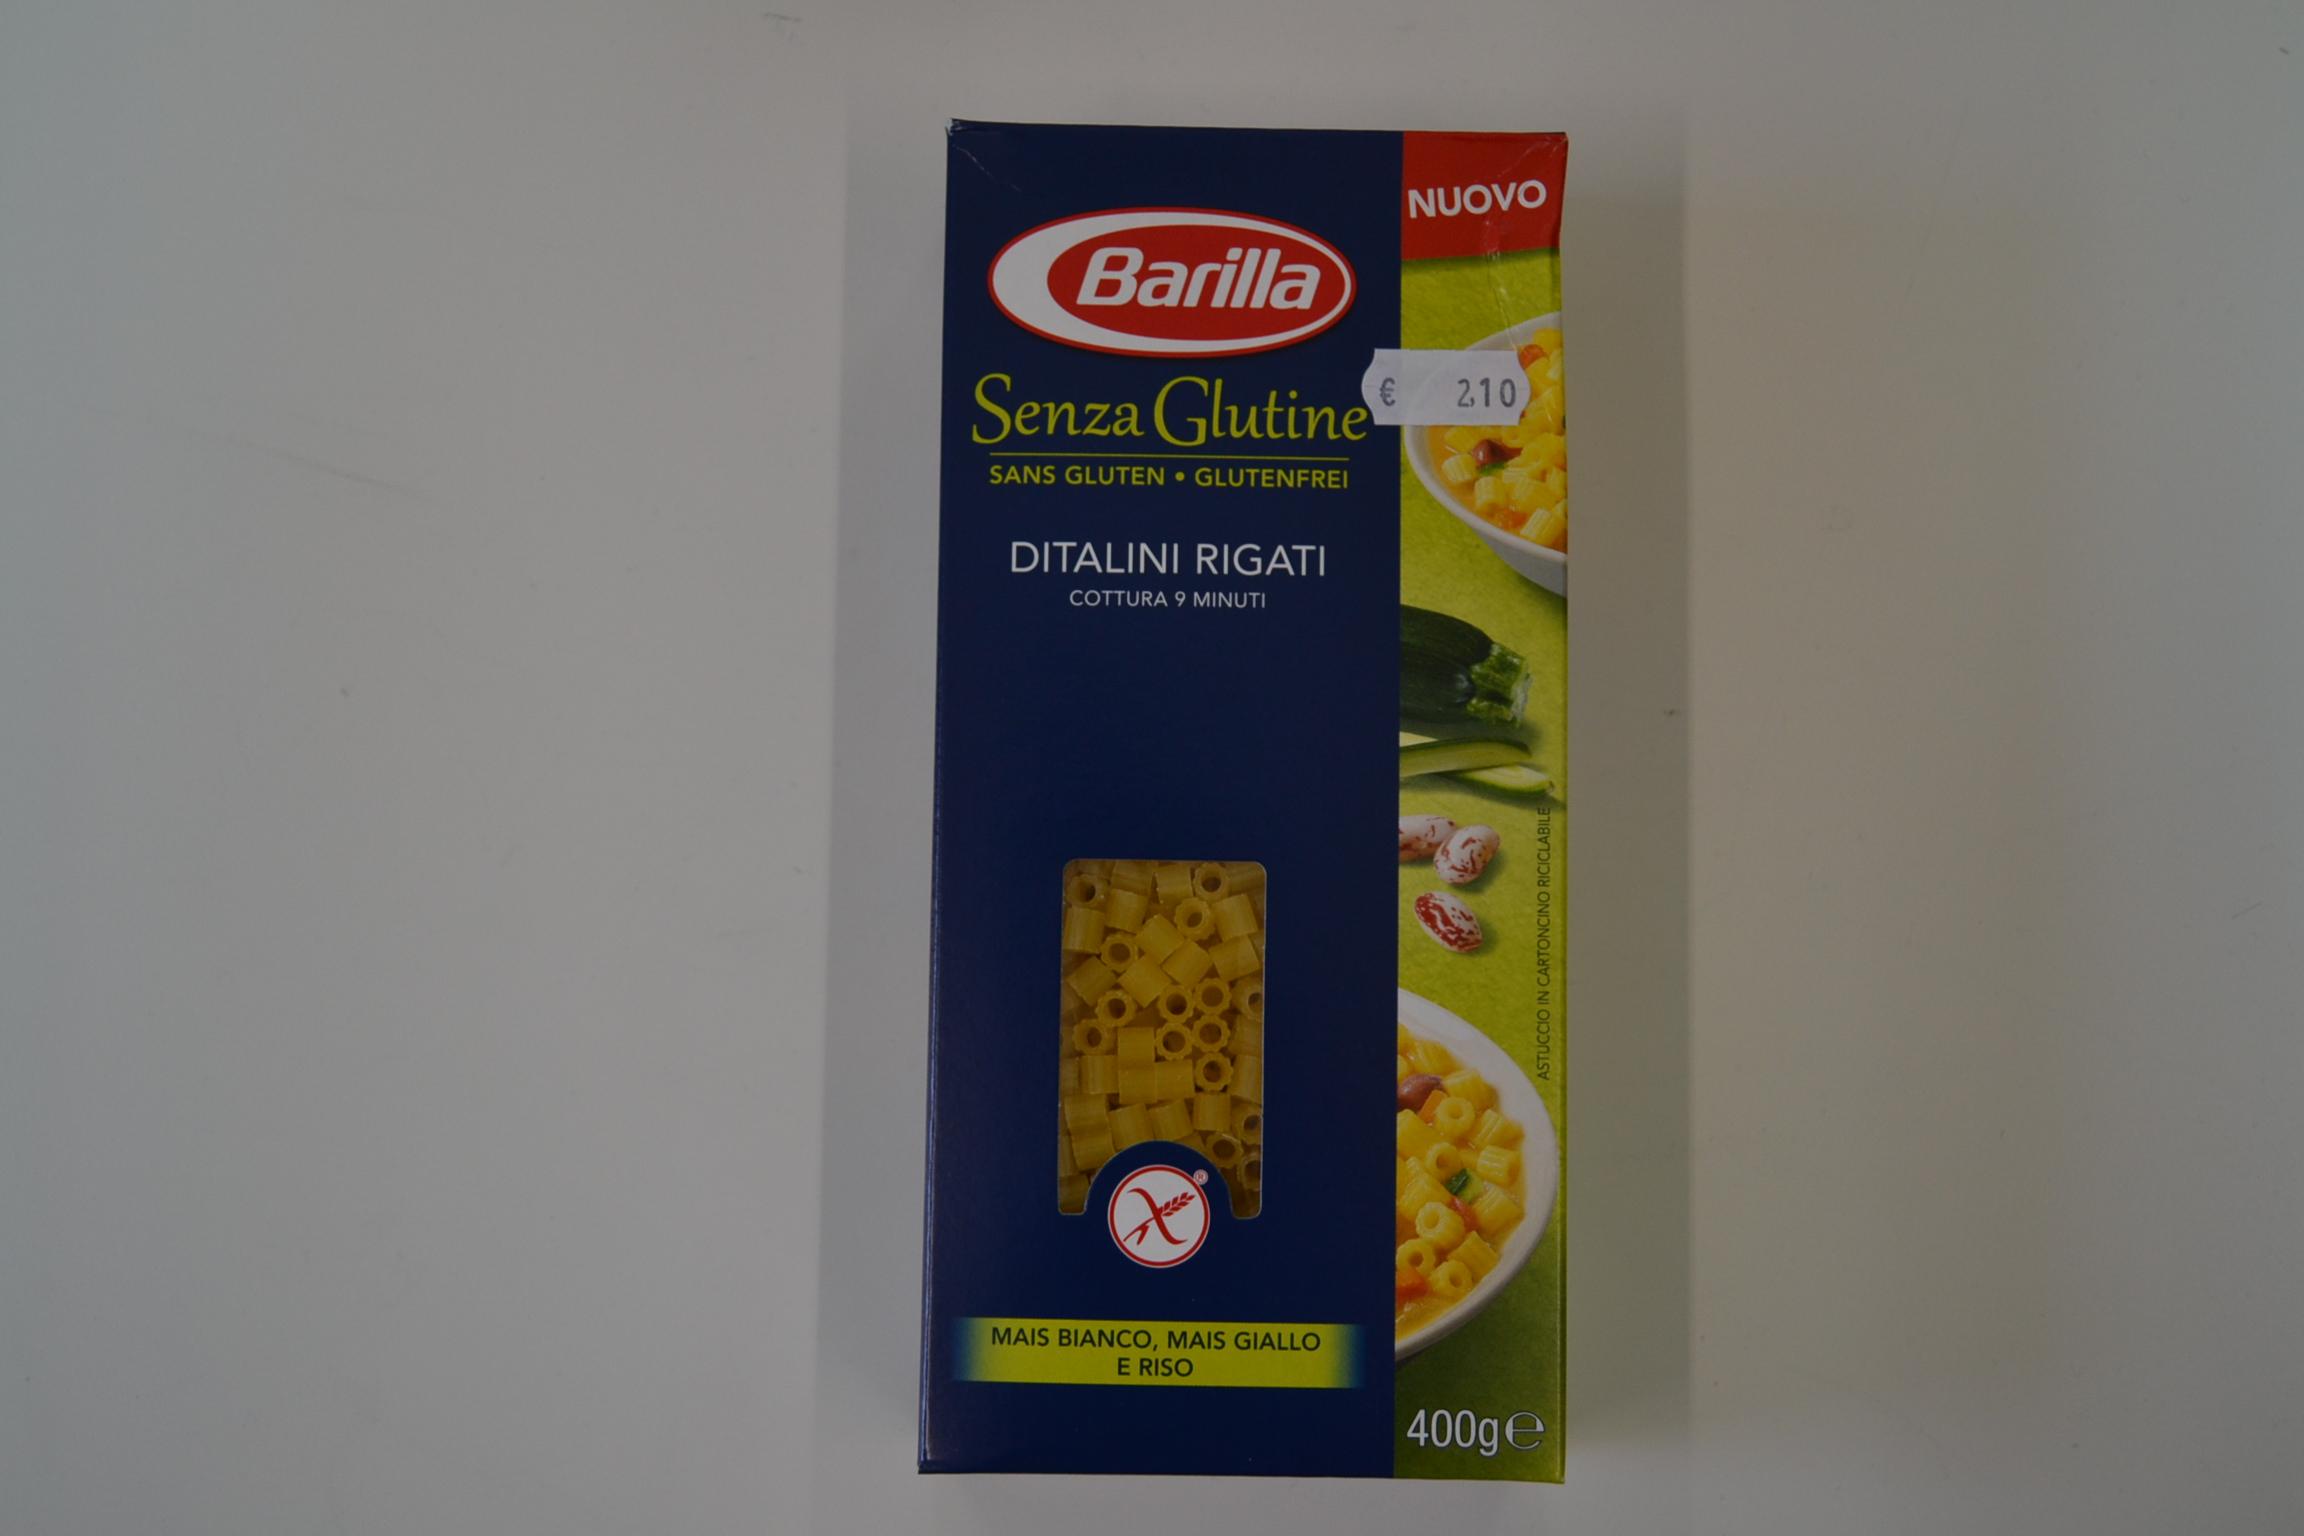 Ditalini rigati BARILLA € 2,10